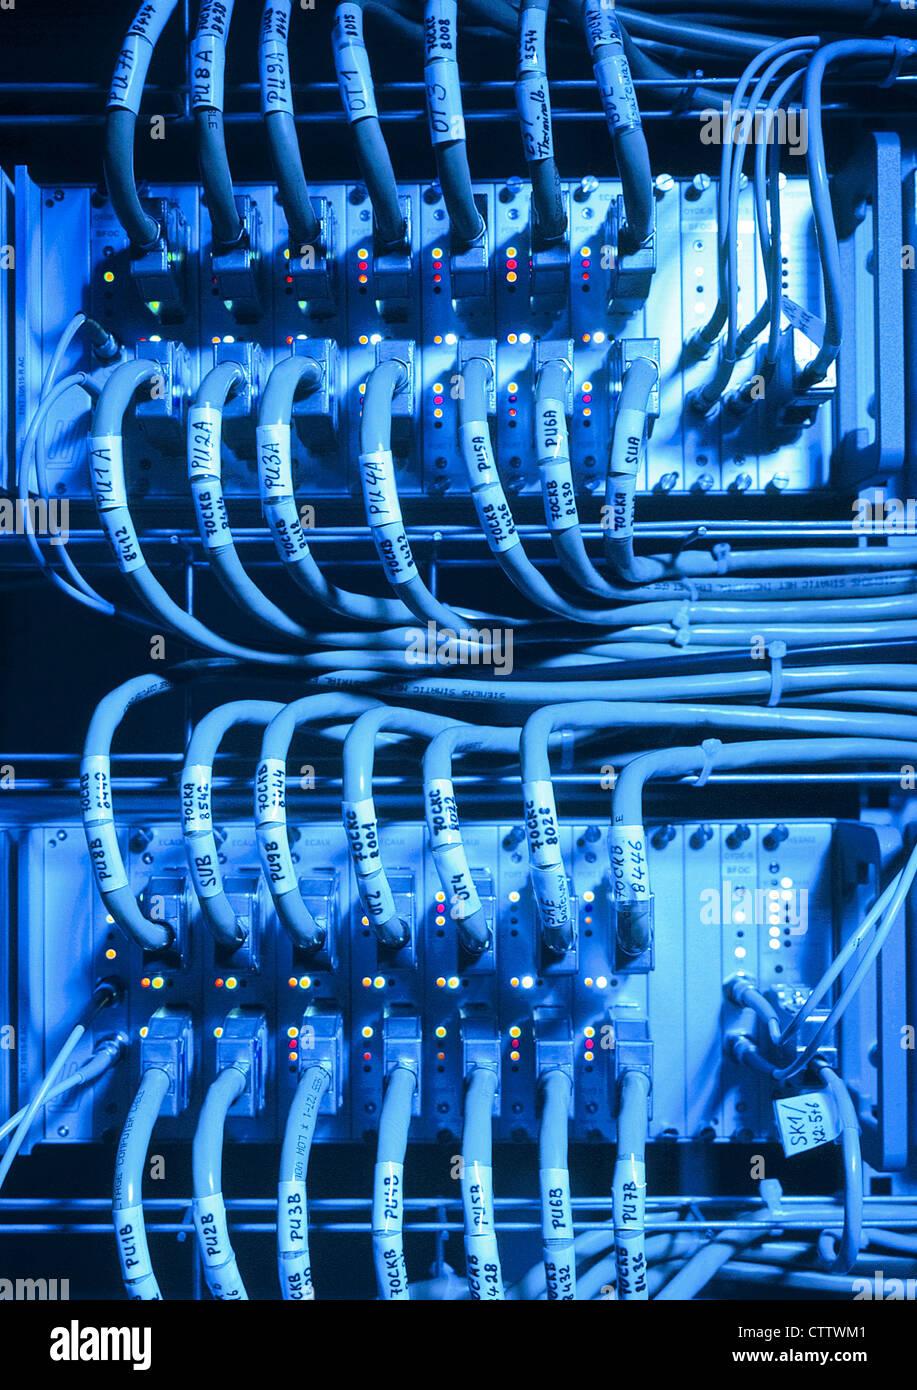 Wechseln Sie Im Schaltschrank - Netzwerk Steuerung Mit Vielen Kabel Stockbild